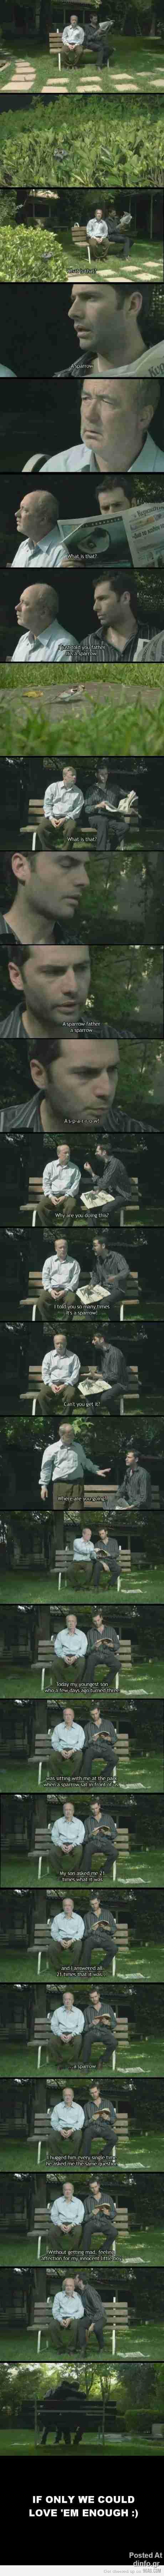 Μια ιστορία με όμορφο τέλος...